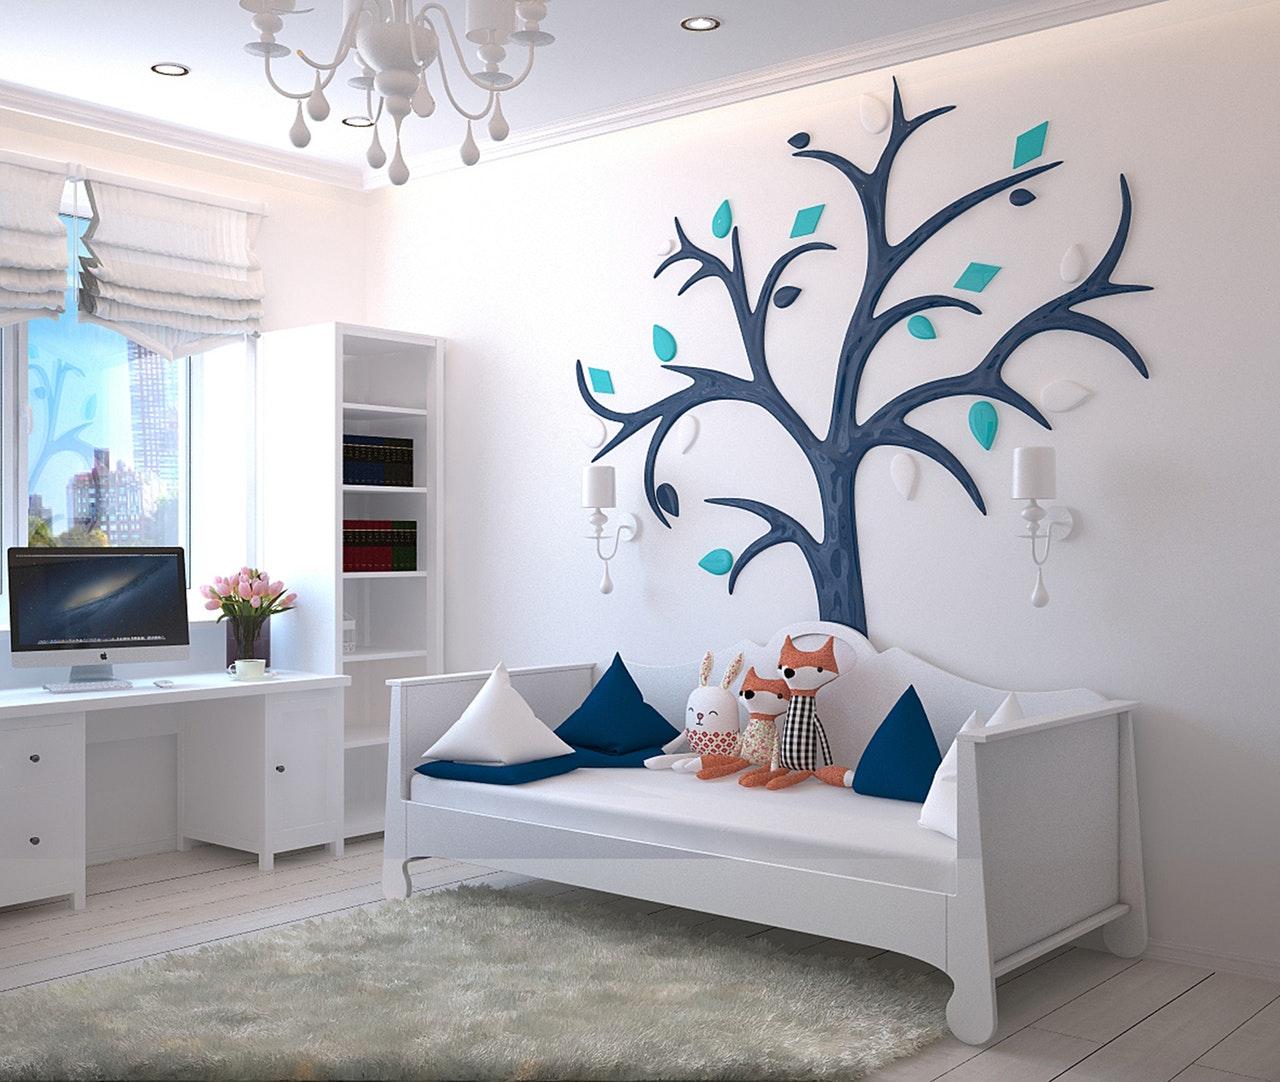 Rinnovare Pareti Di Casa 3 idee creative per rinnovare la tua casa a costo (quasi